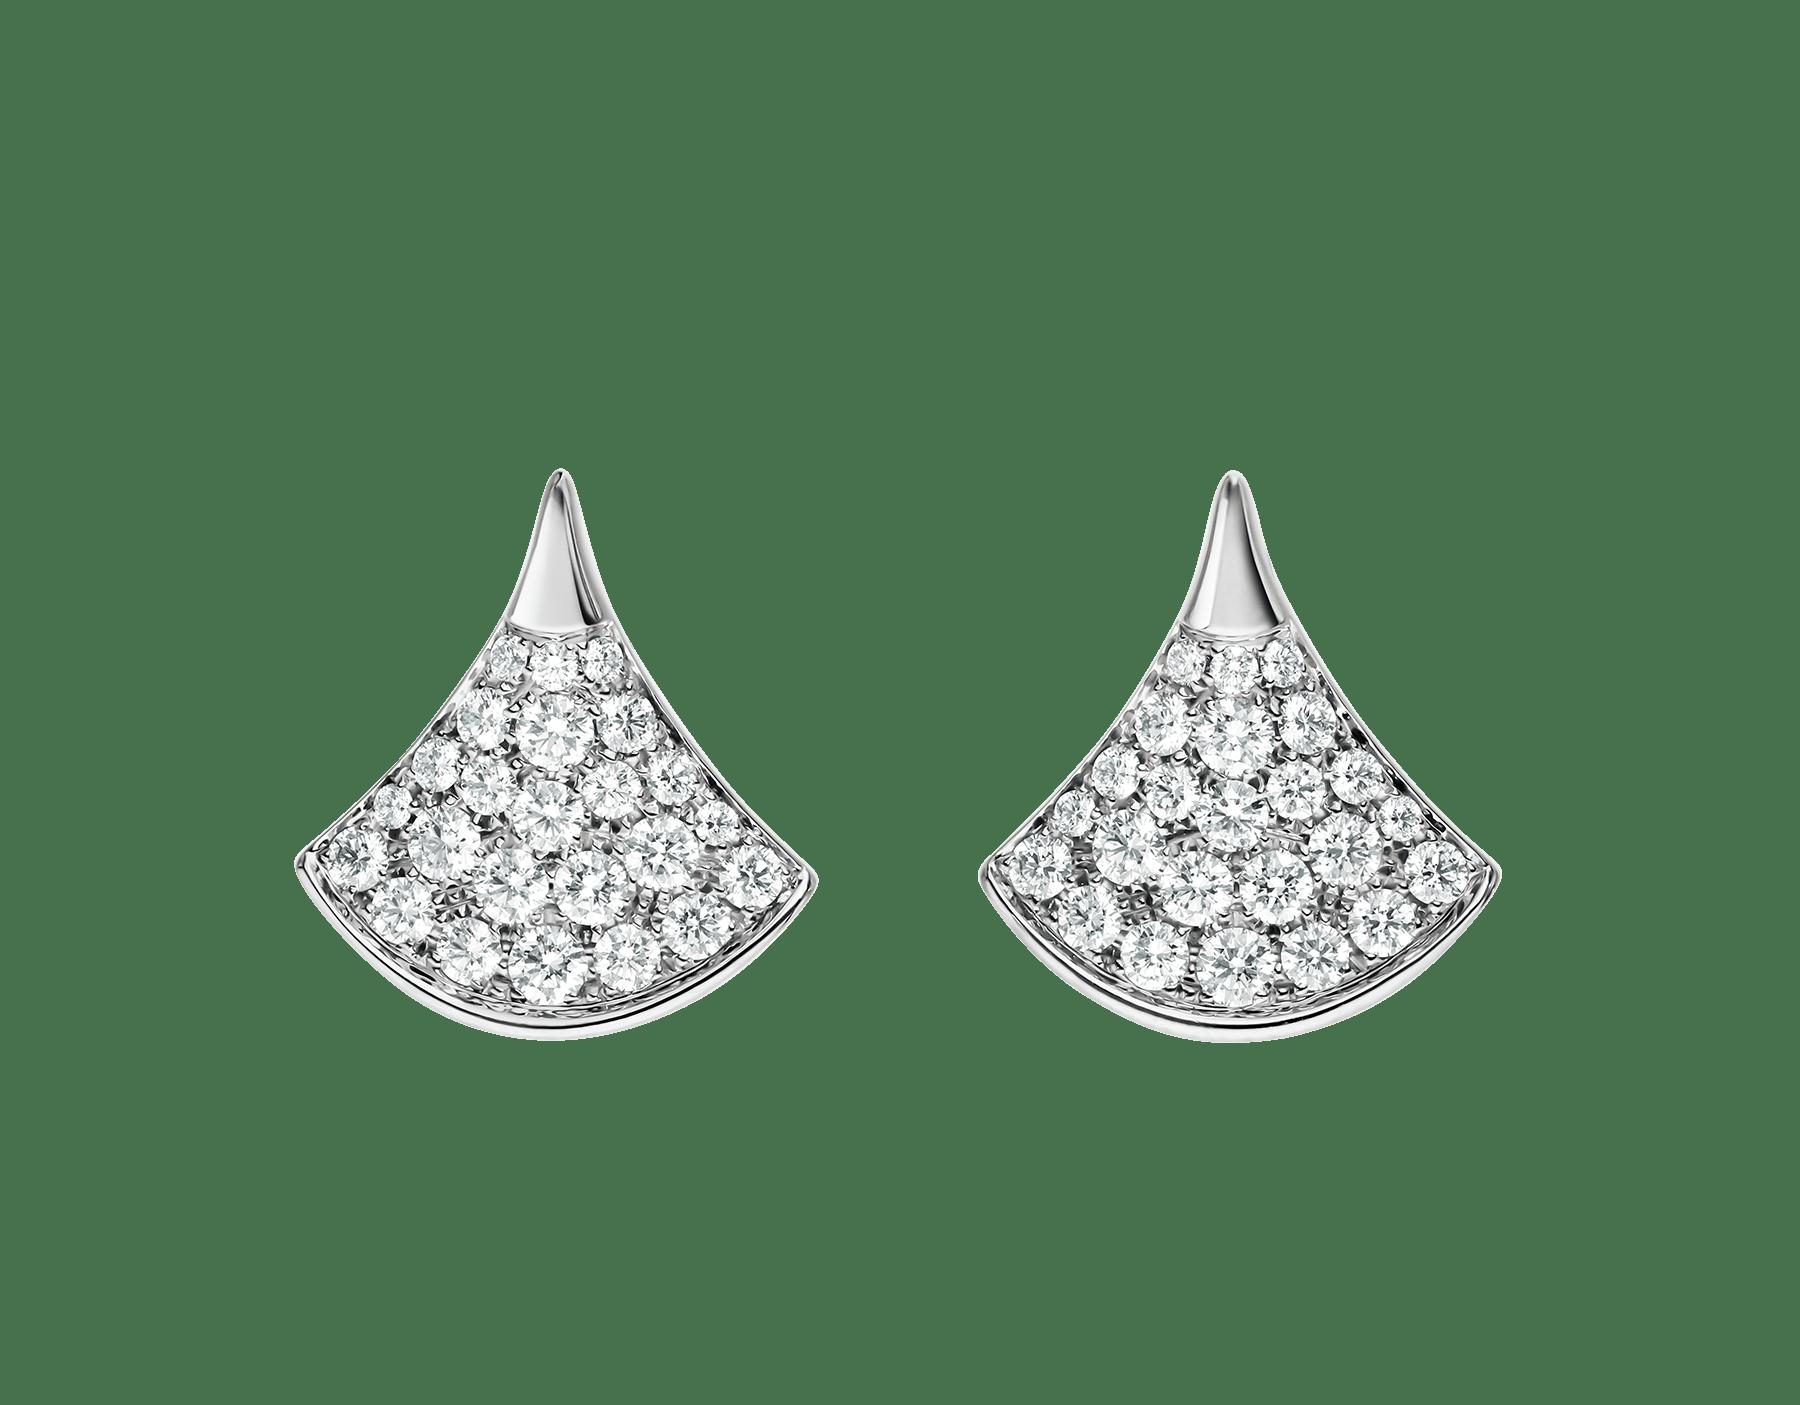 Los pendientes DIVAS' DREAM, deslumbrantes gracias a la pureza de sus formas femeninas y la clásica y atemporal combinación del pavé de diamantes y el oro blanco, revelan la refinada elegancia de cada diva. 352602 image 1